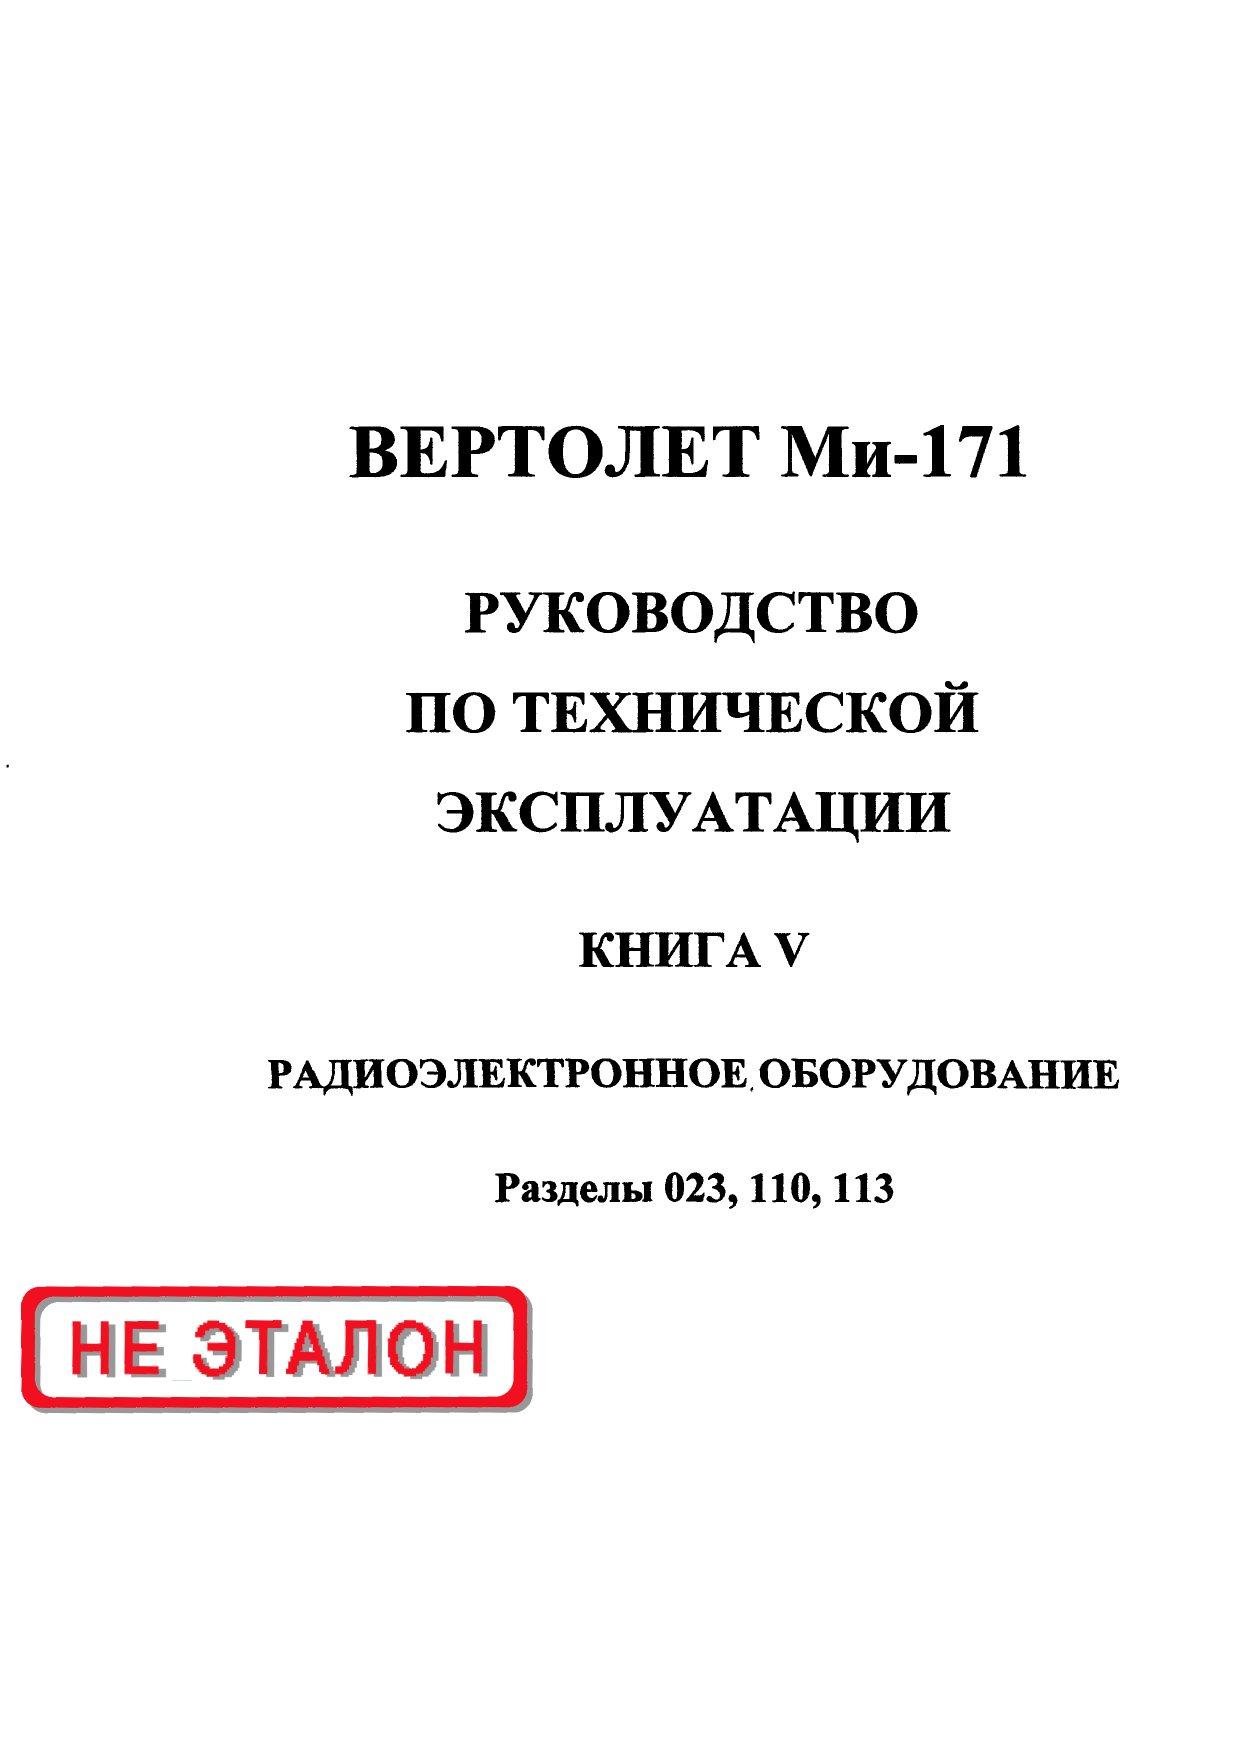 Ми-171. Радиоэлектронное оборудование (Книга 5)